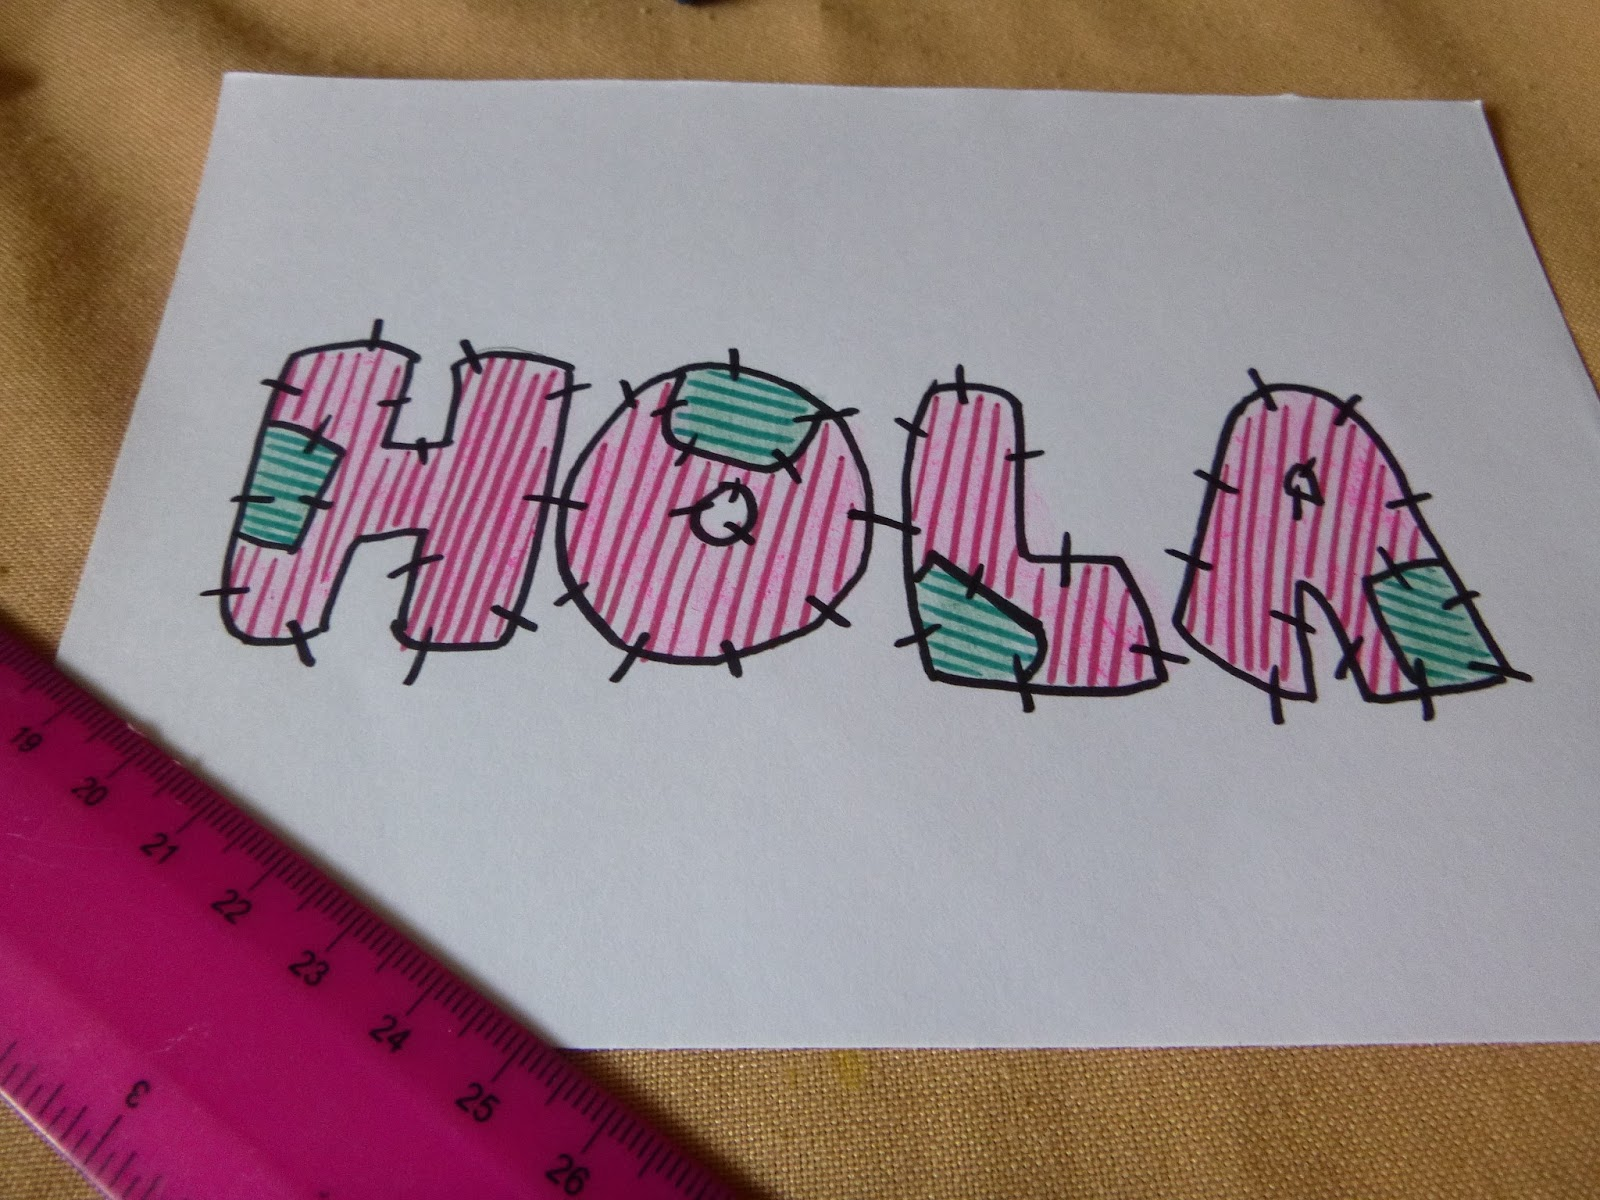 C mo decorar letras manitas creativas for Letras decoracion ikea